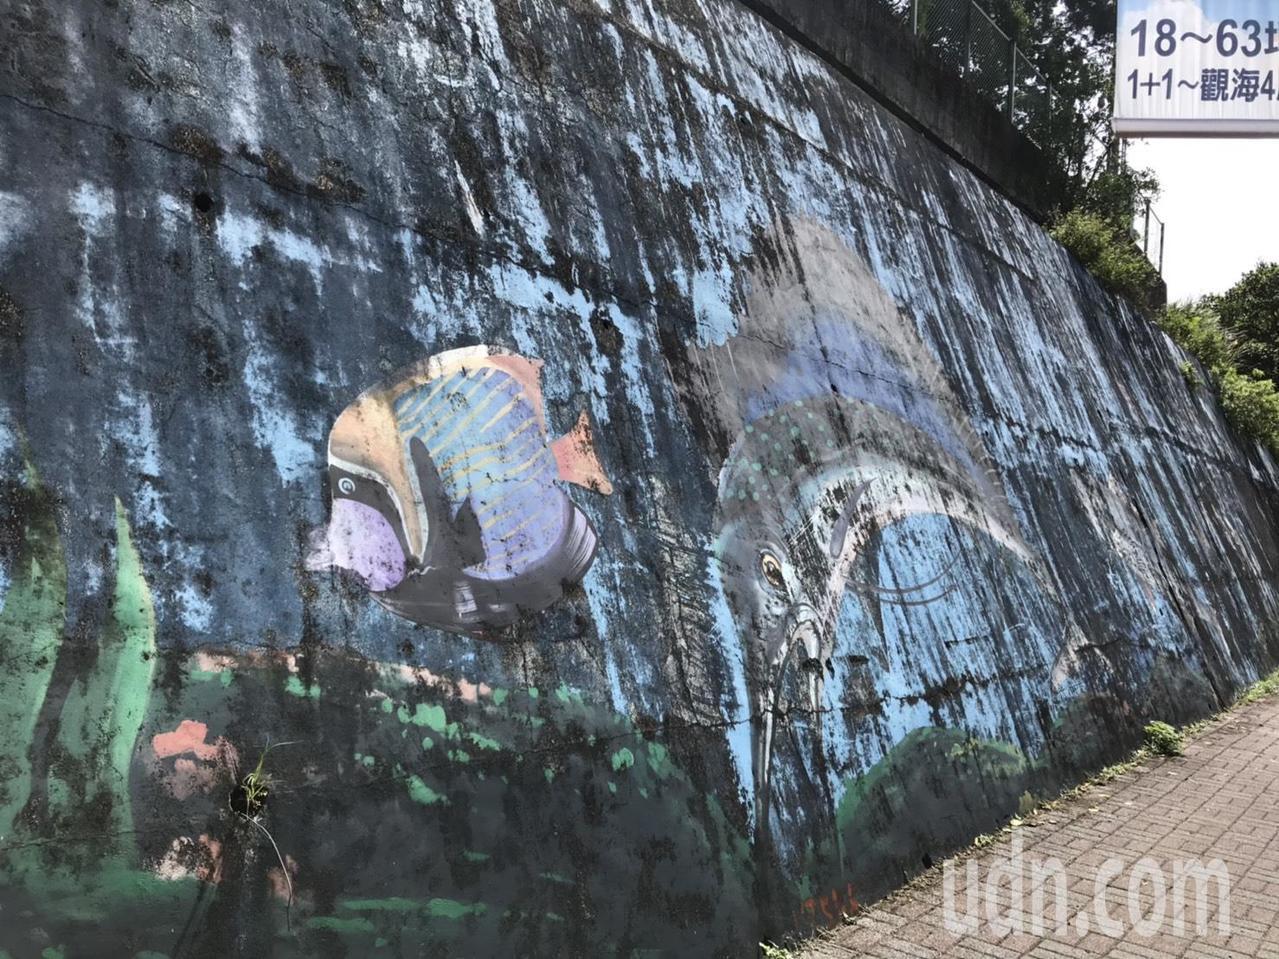 基隆市因為山坡地、斜坡多,各區都有不少擋土牆,長久以來多會彩繪或設置一些海洋生物...